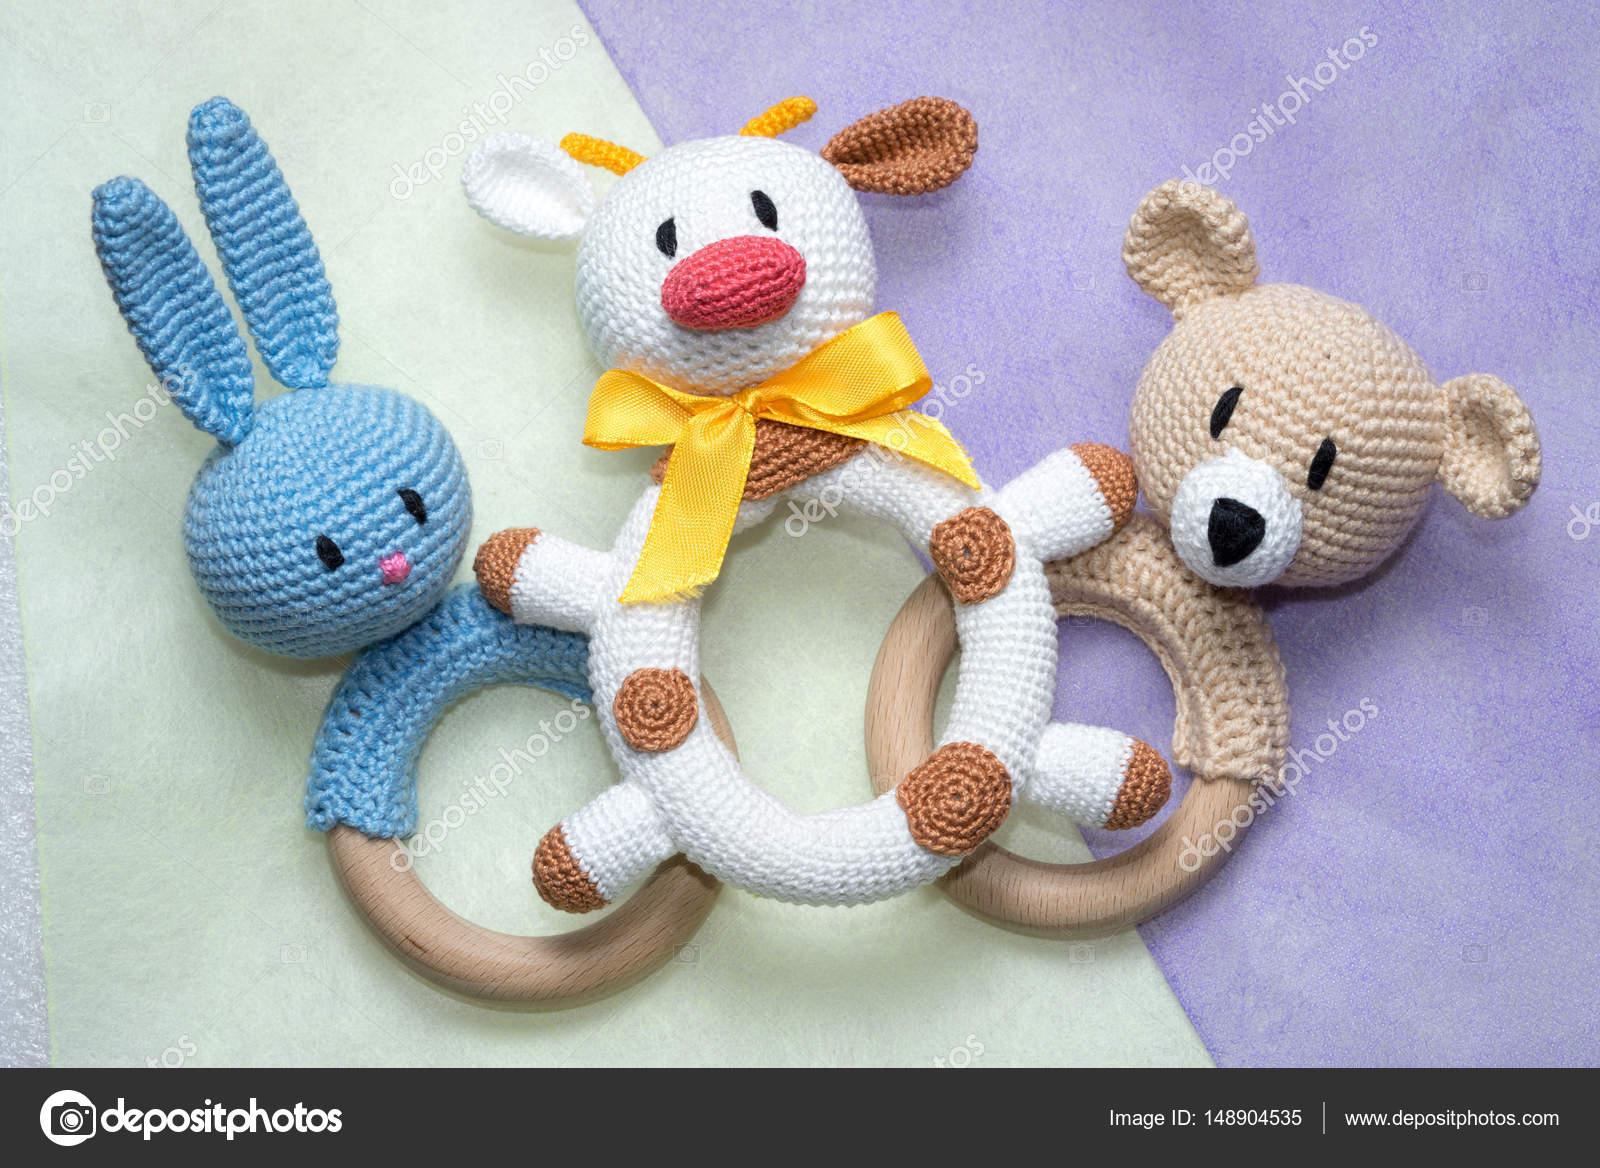 amigurumi caseros juguetes para los niños — Foto de stock © Elf+11 ...